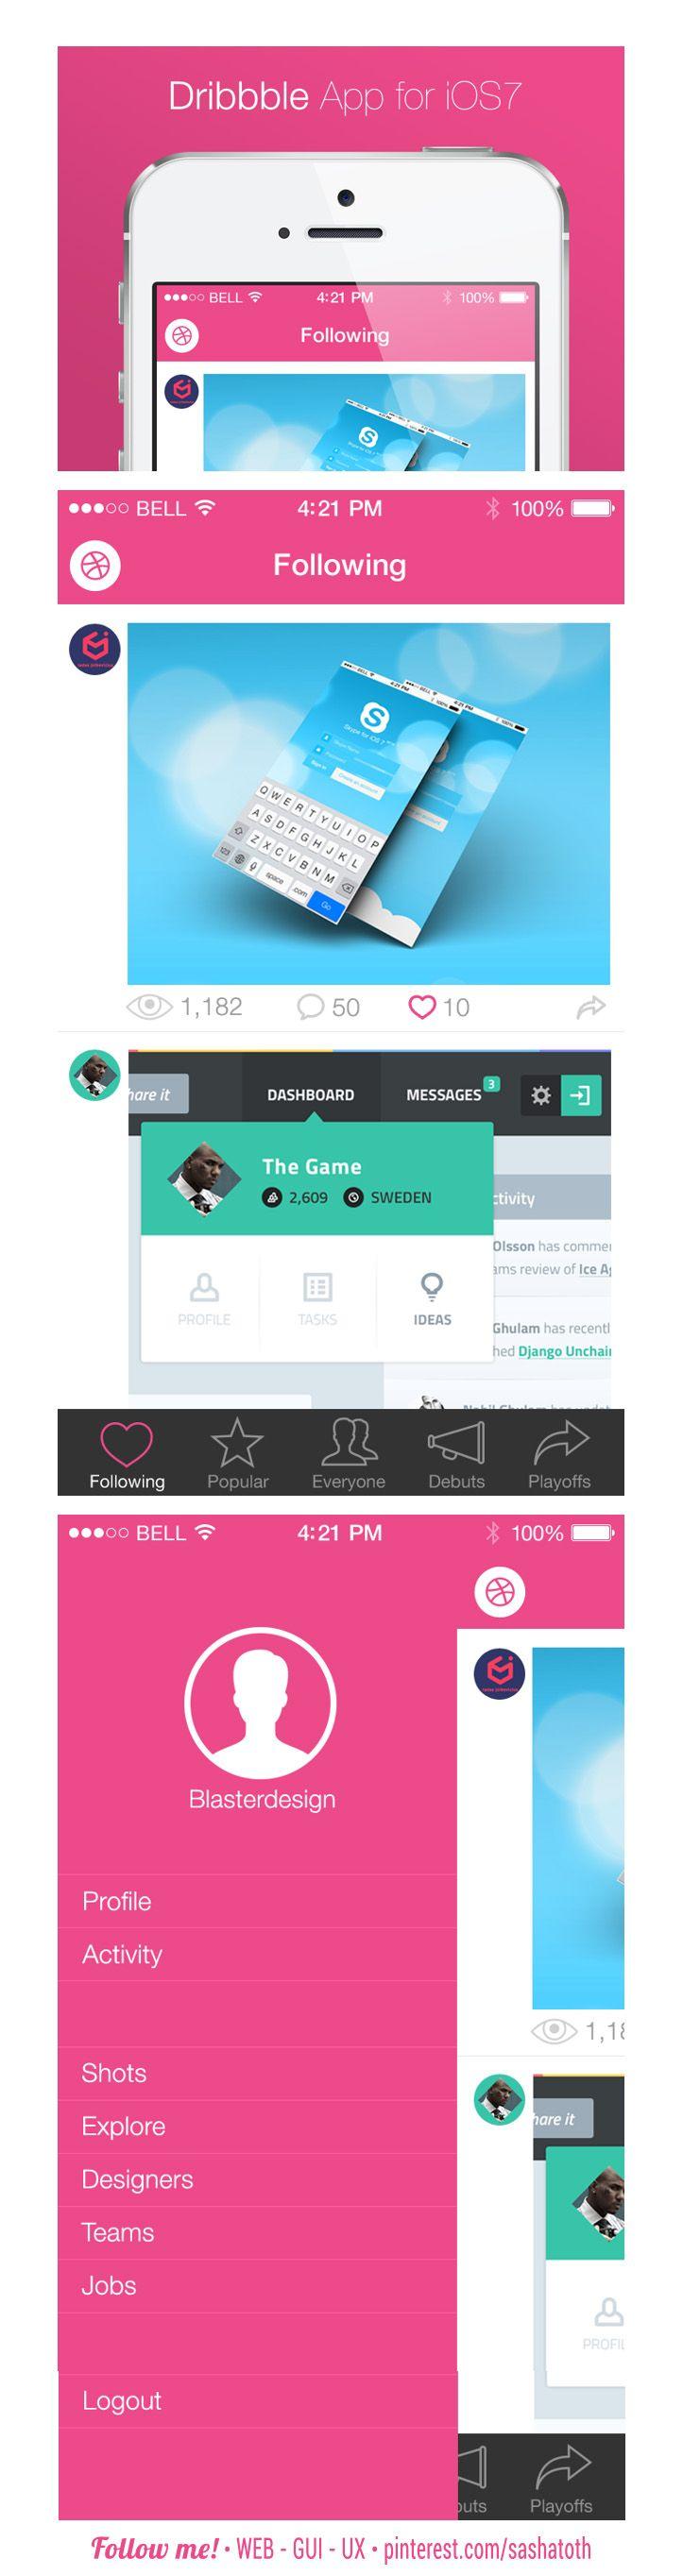 Dribbble App iOS7 by Mesnil Théo, via Behance *** #app #ios #iphone #gui #ui #ux #behance